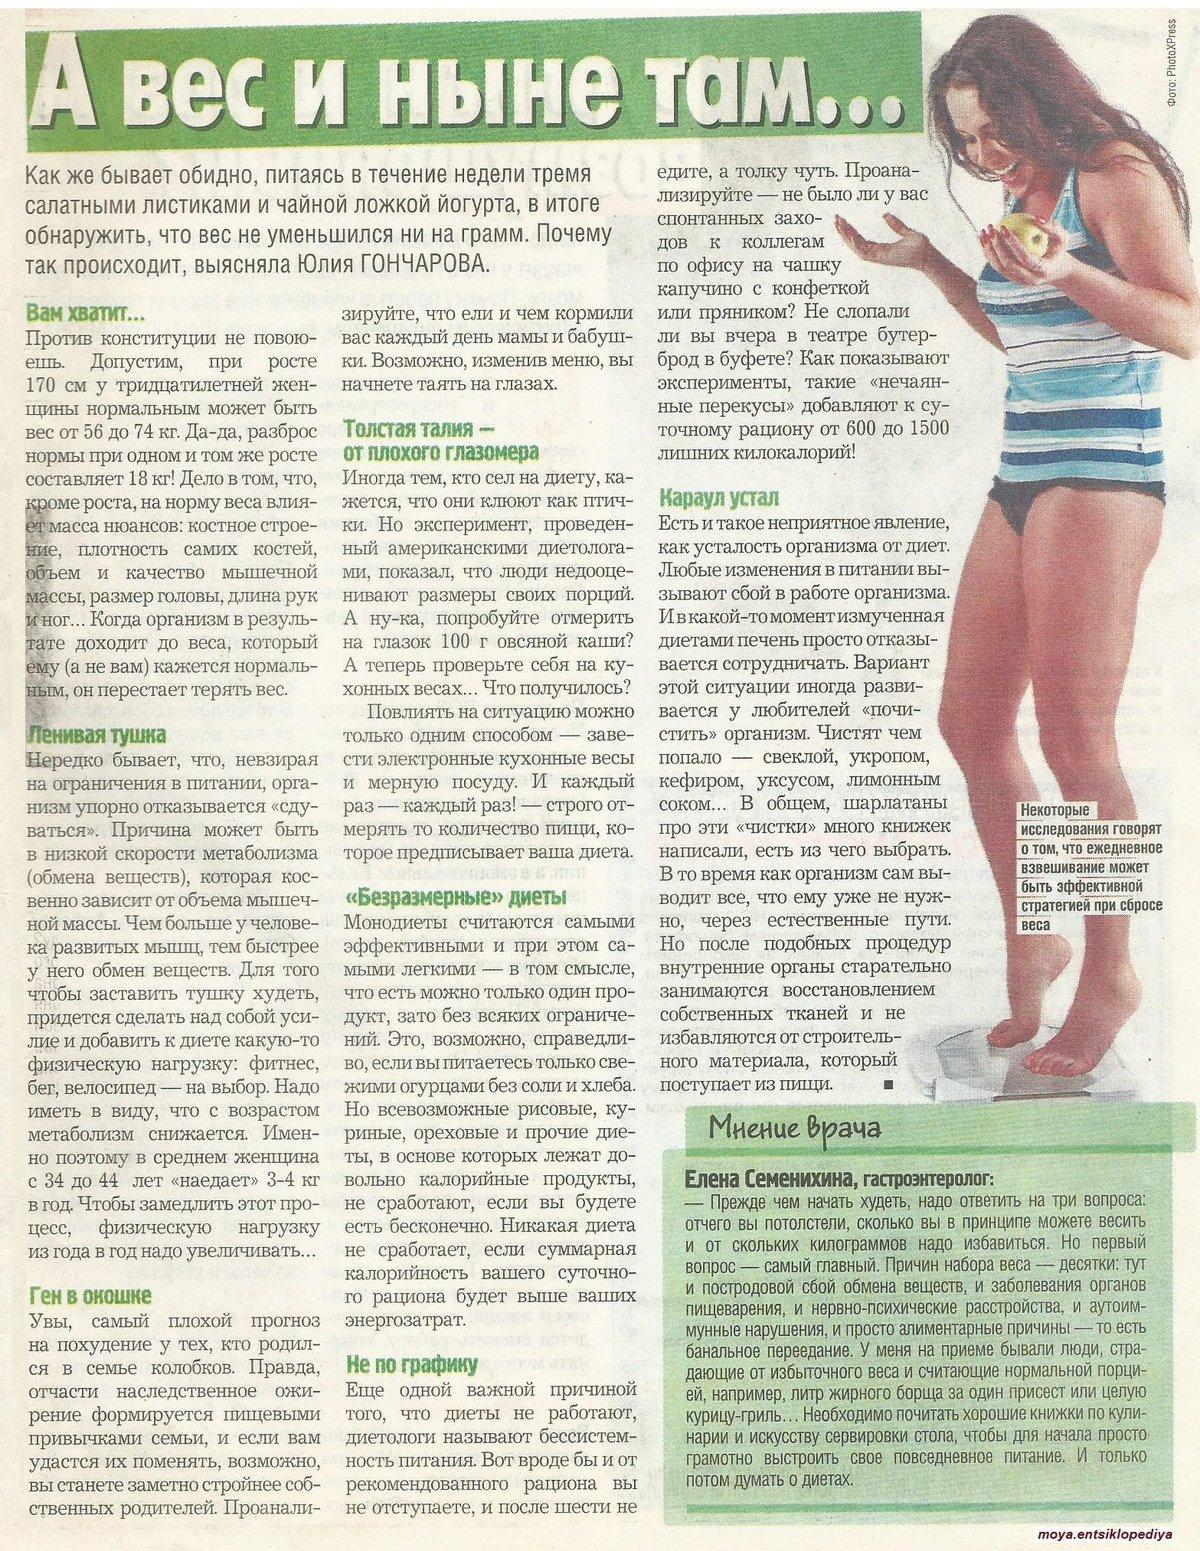 Эффективна Диета Для Похудения. 10 лучших эффективных диет для быстрого похудения: как похудеть в домашних условиях